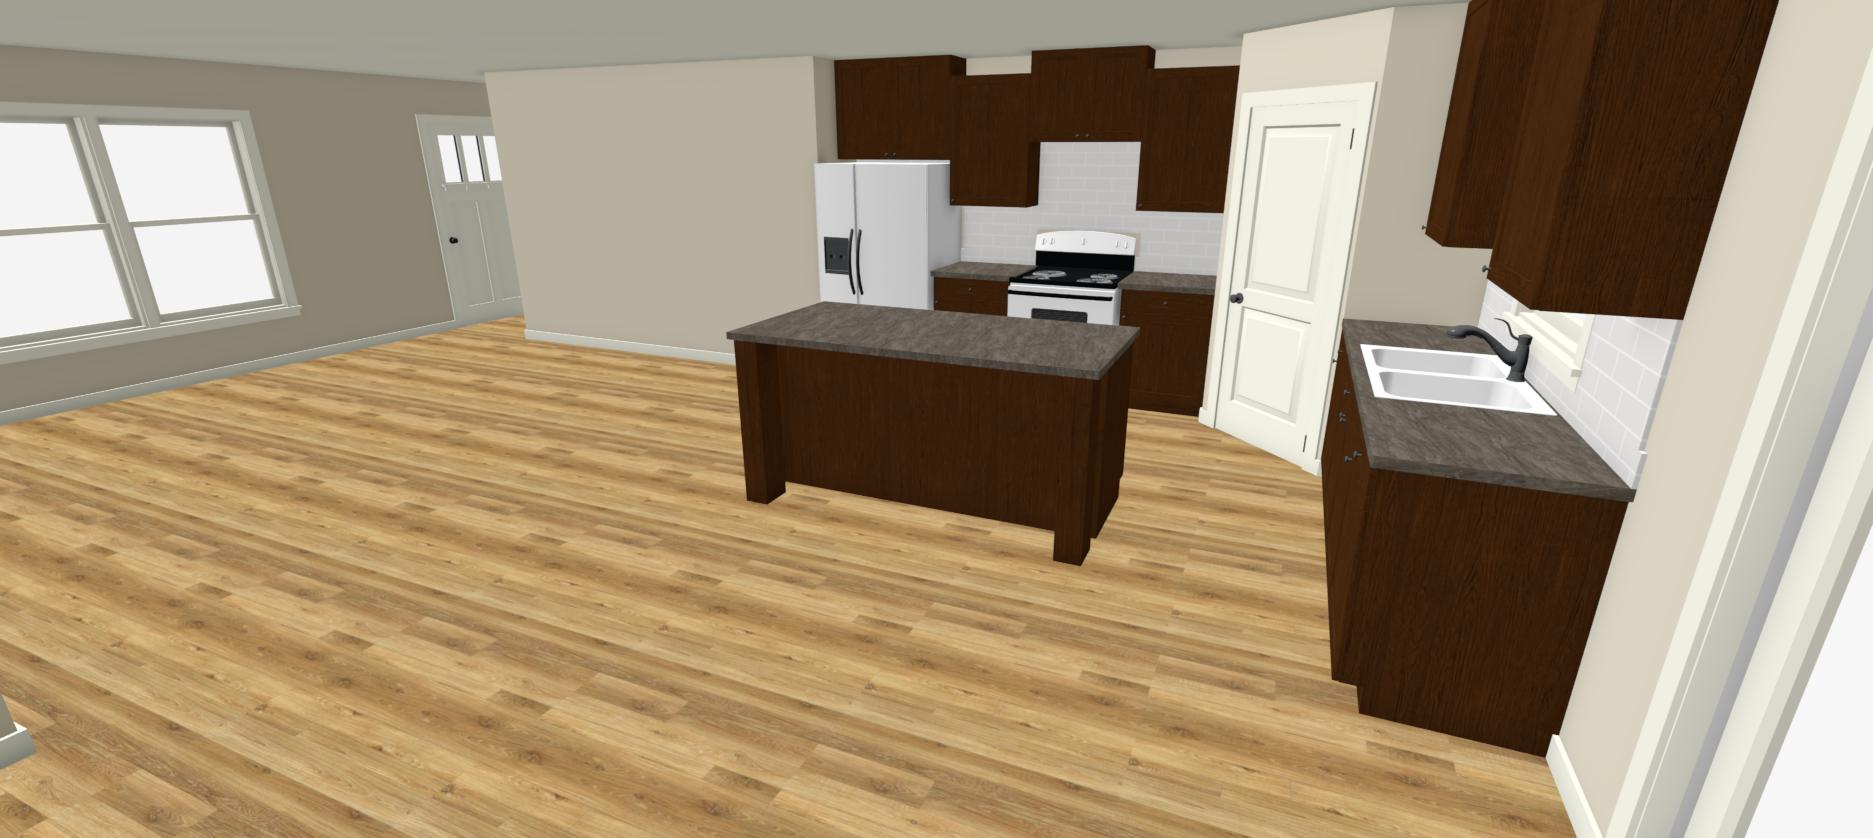 Alden Living Room.jpg